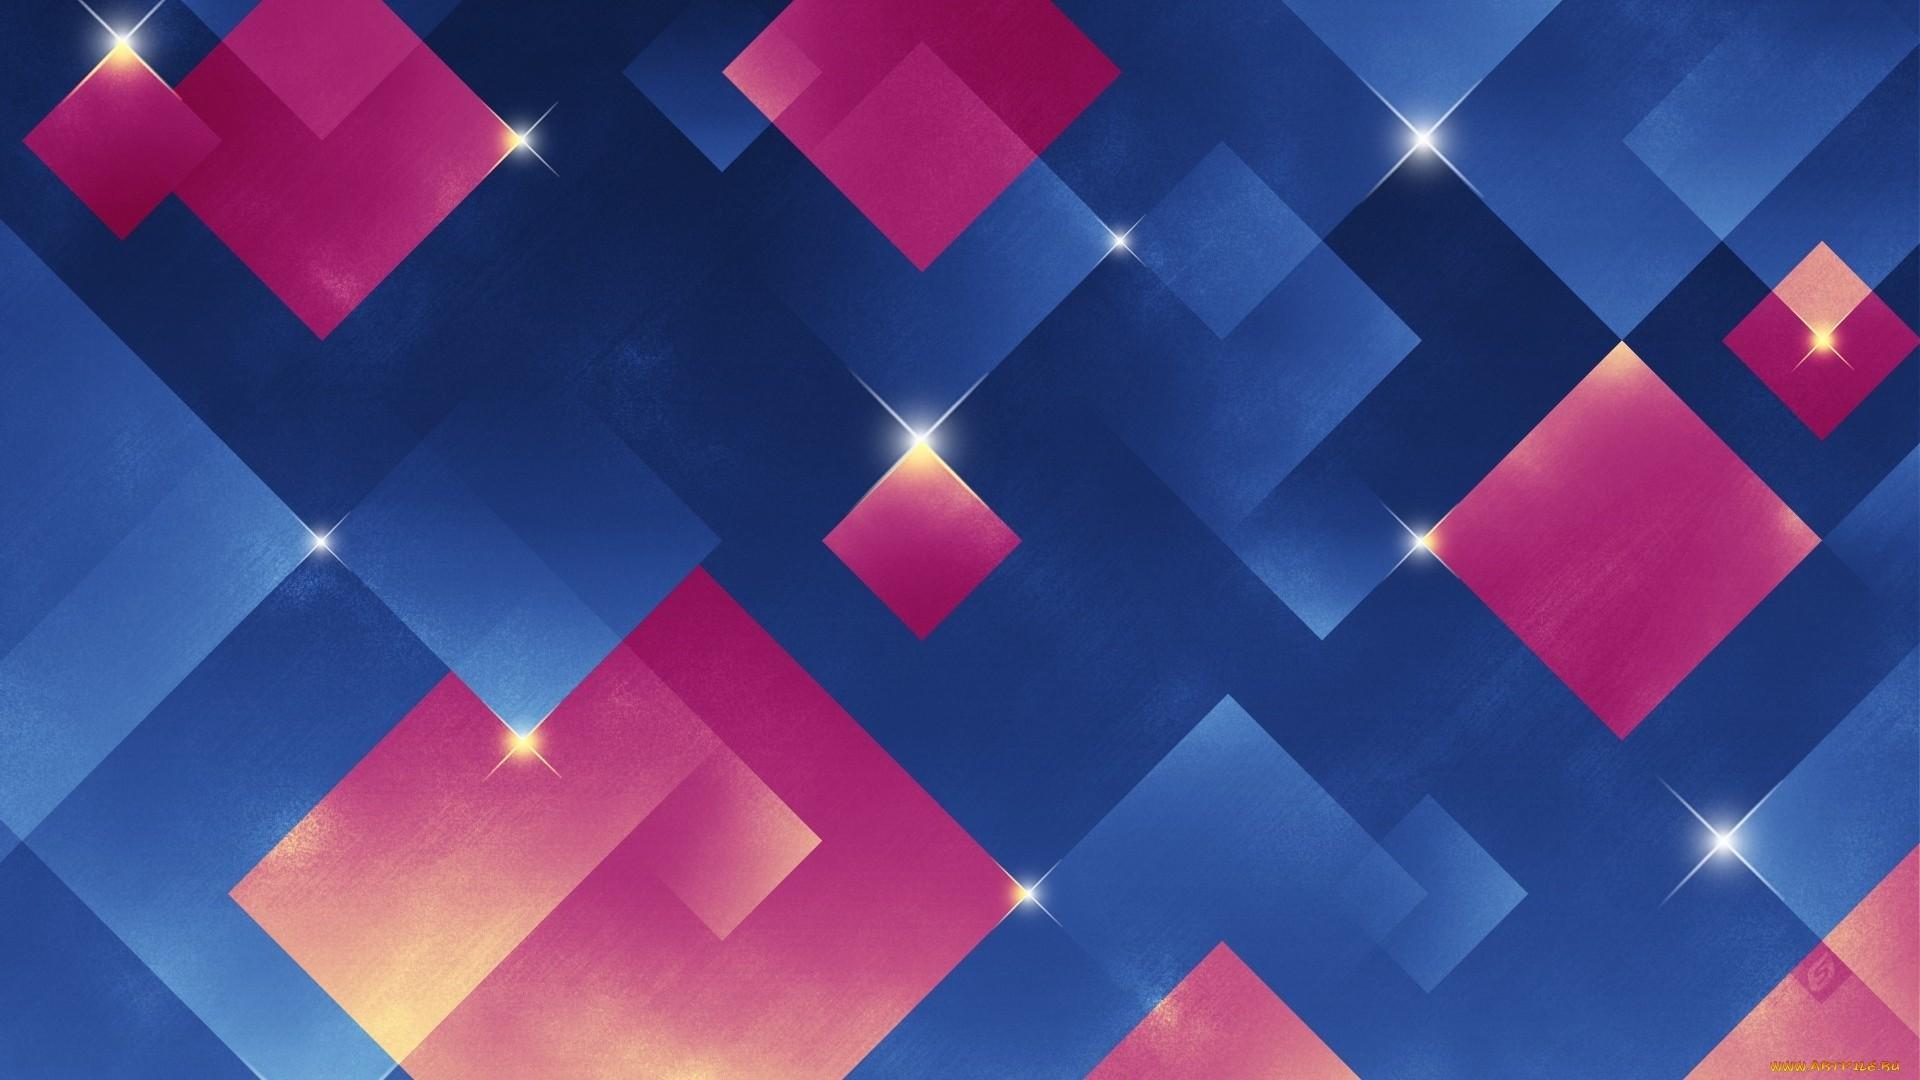 Square HD Wallpaper